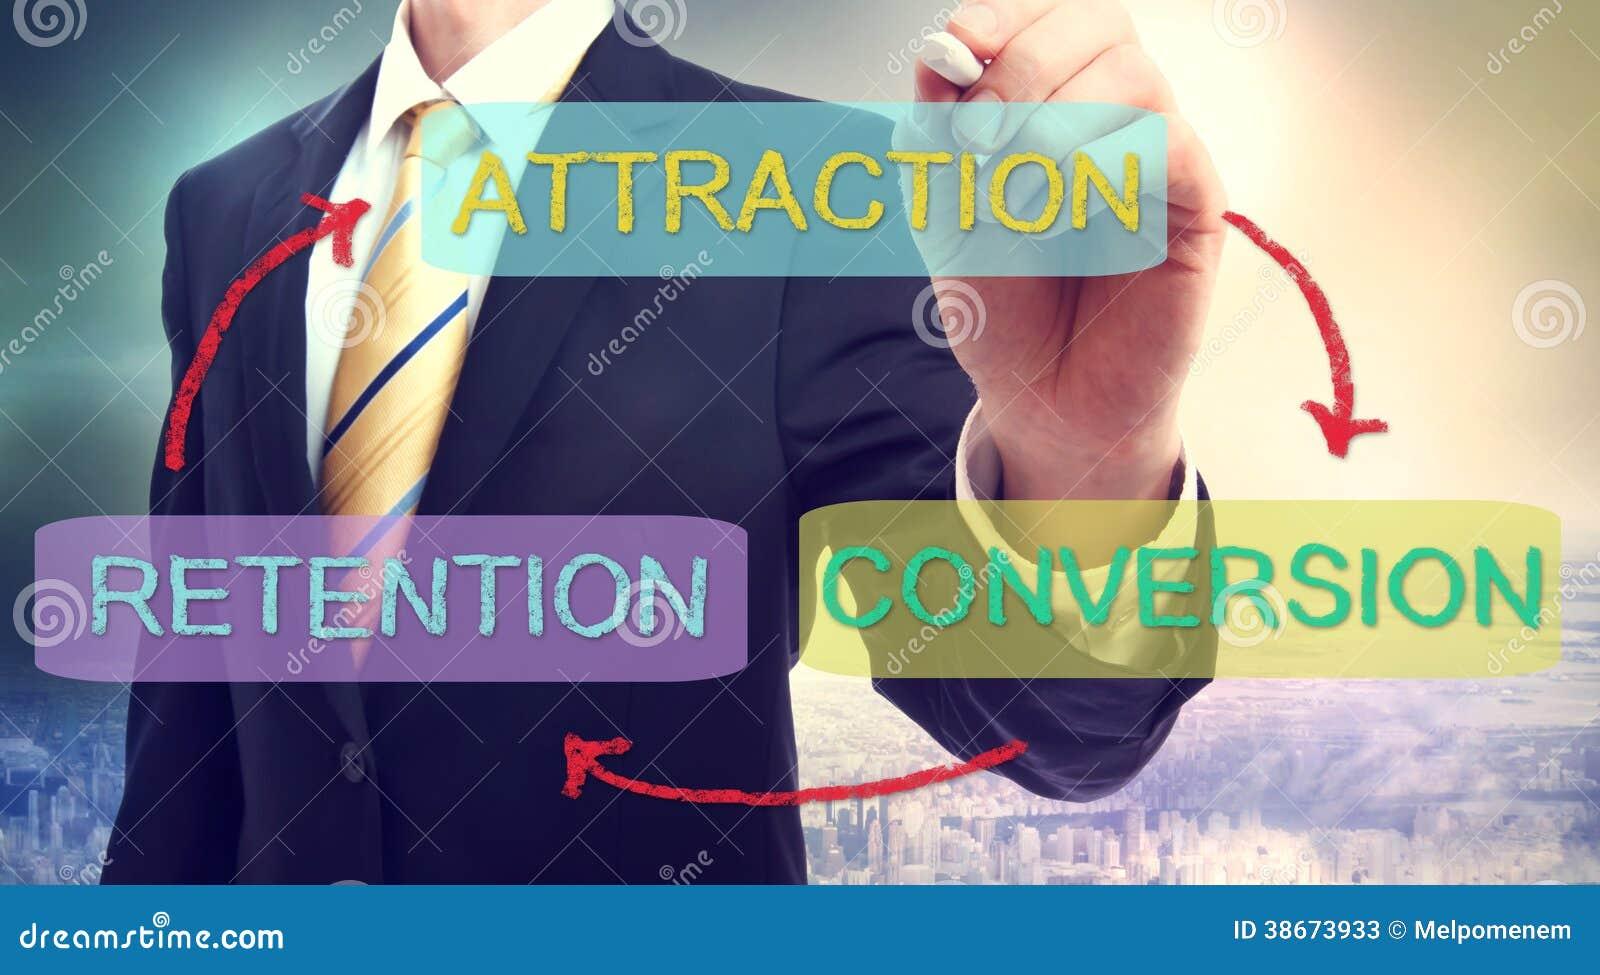 Aantrekkelijkheid, Omzetting, Behoud Bedrijfsconcept